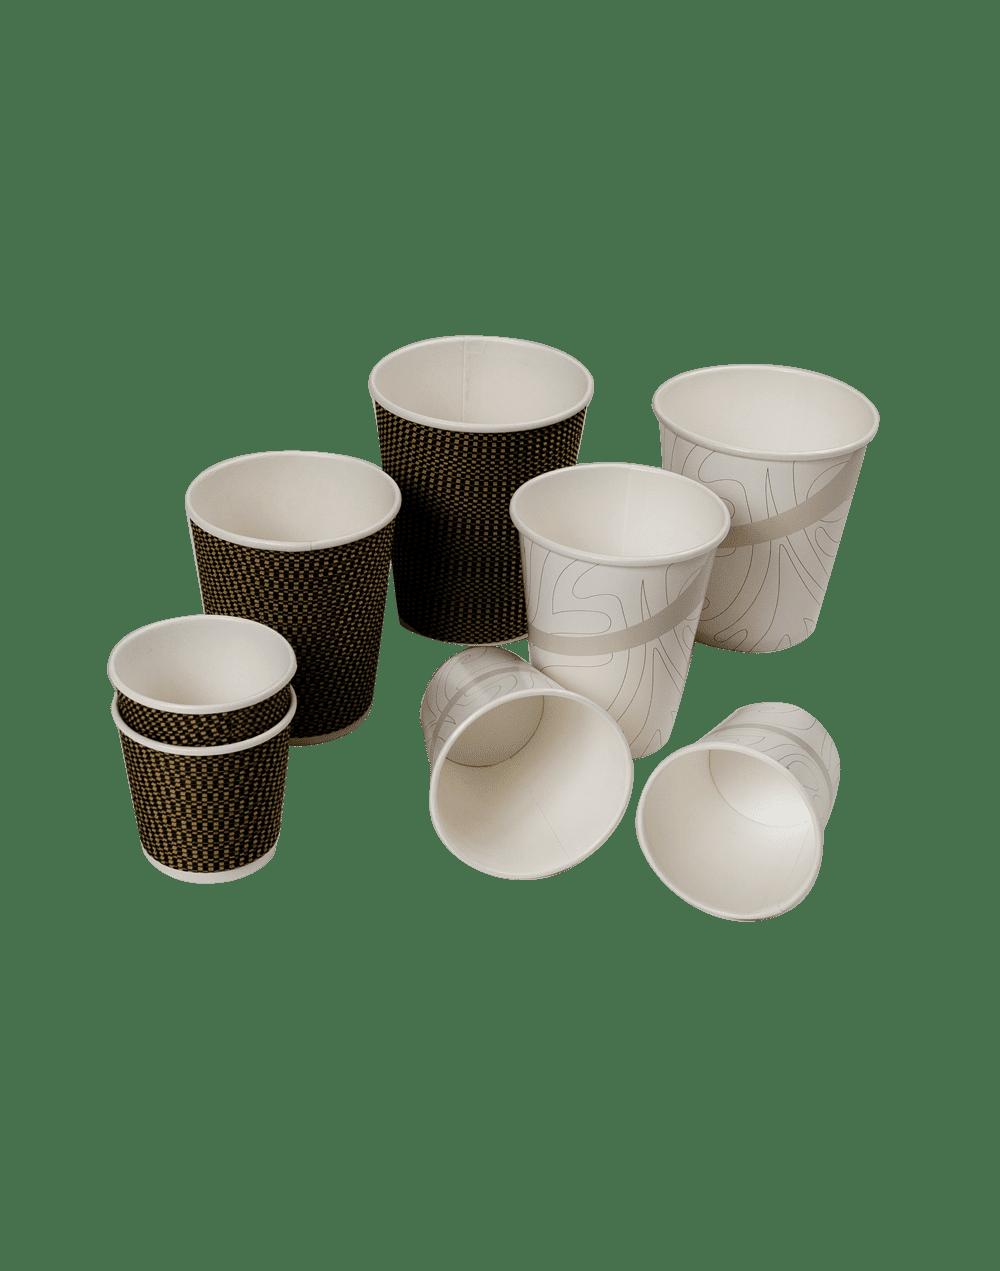 Gobelet à café zeapack sans plastique